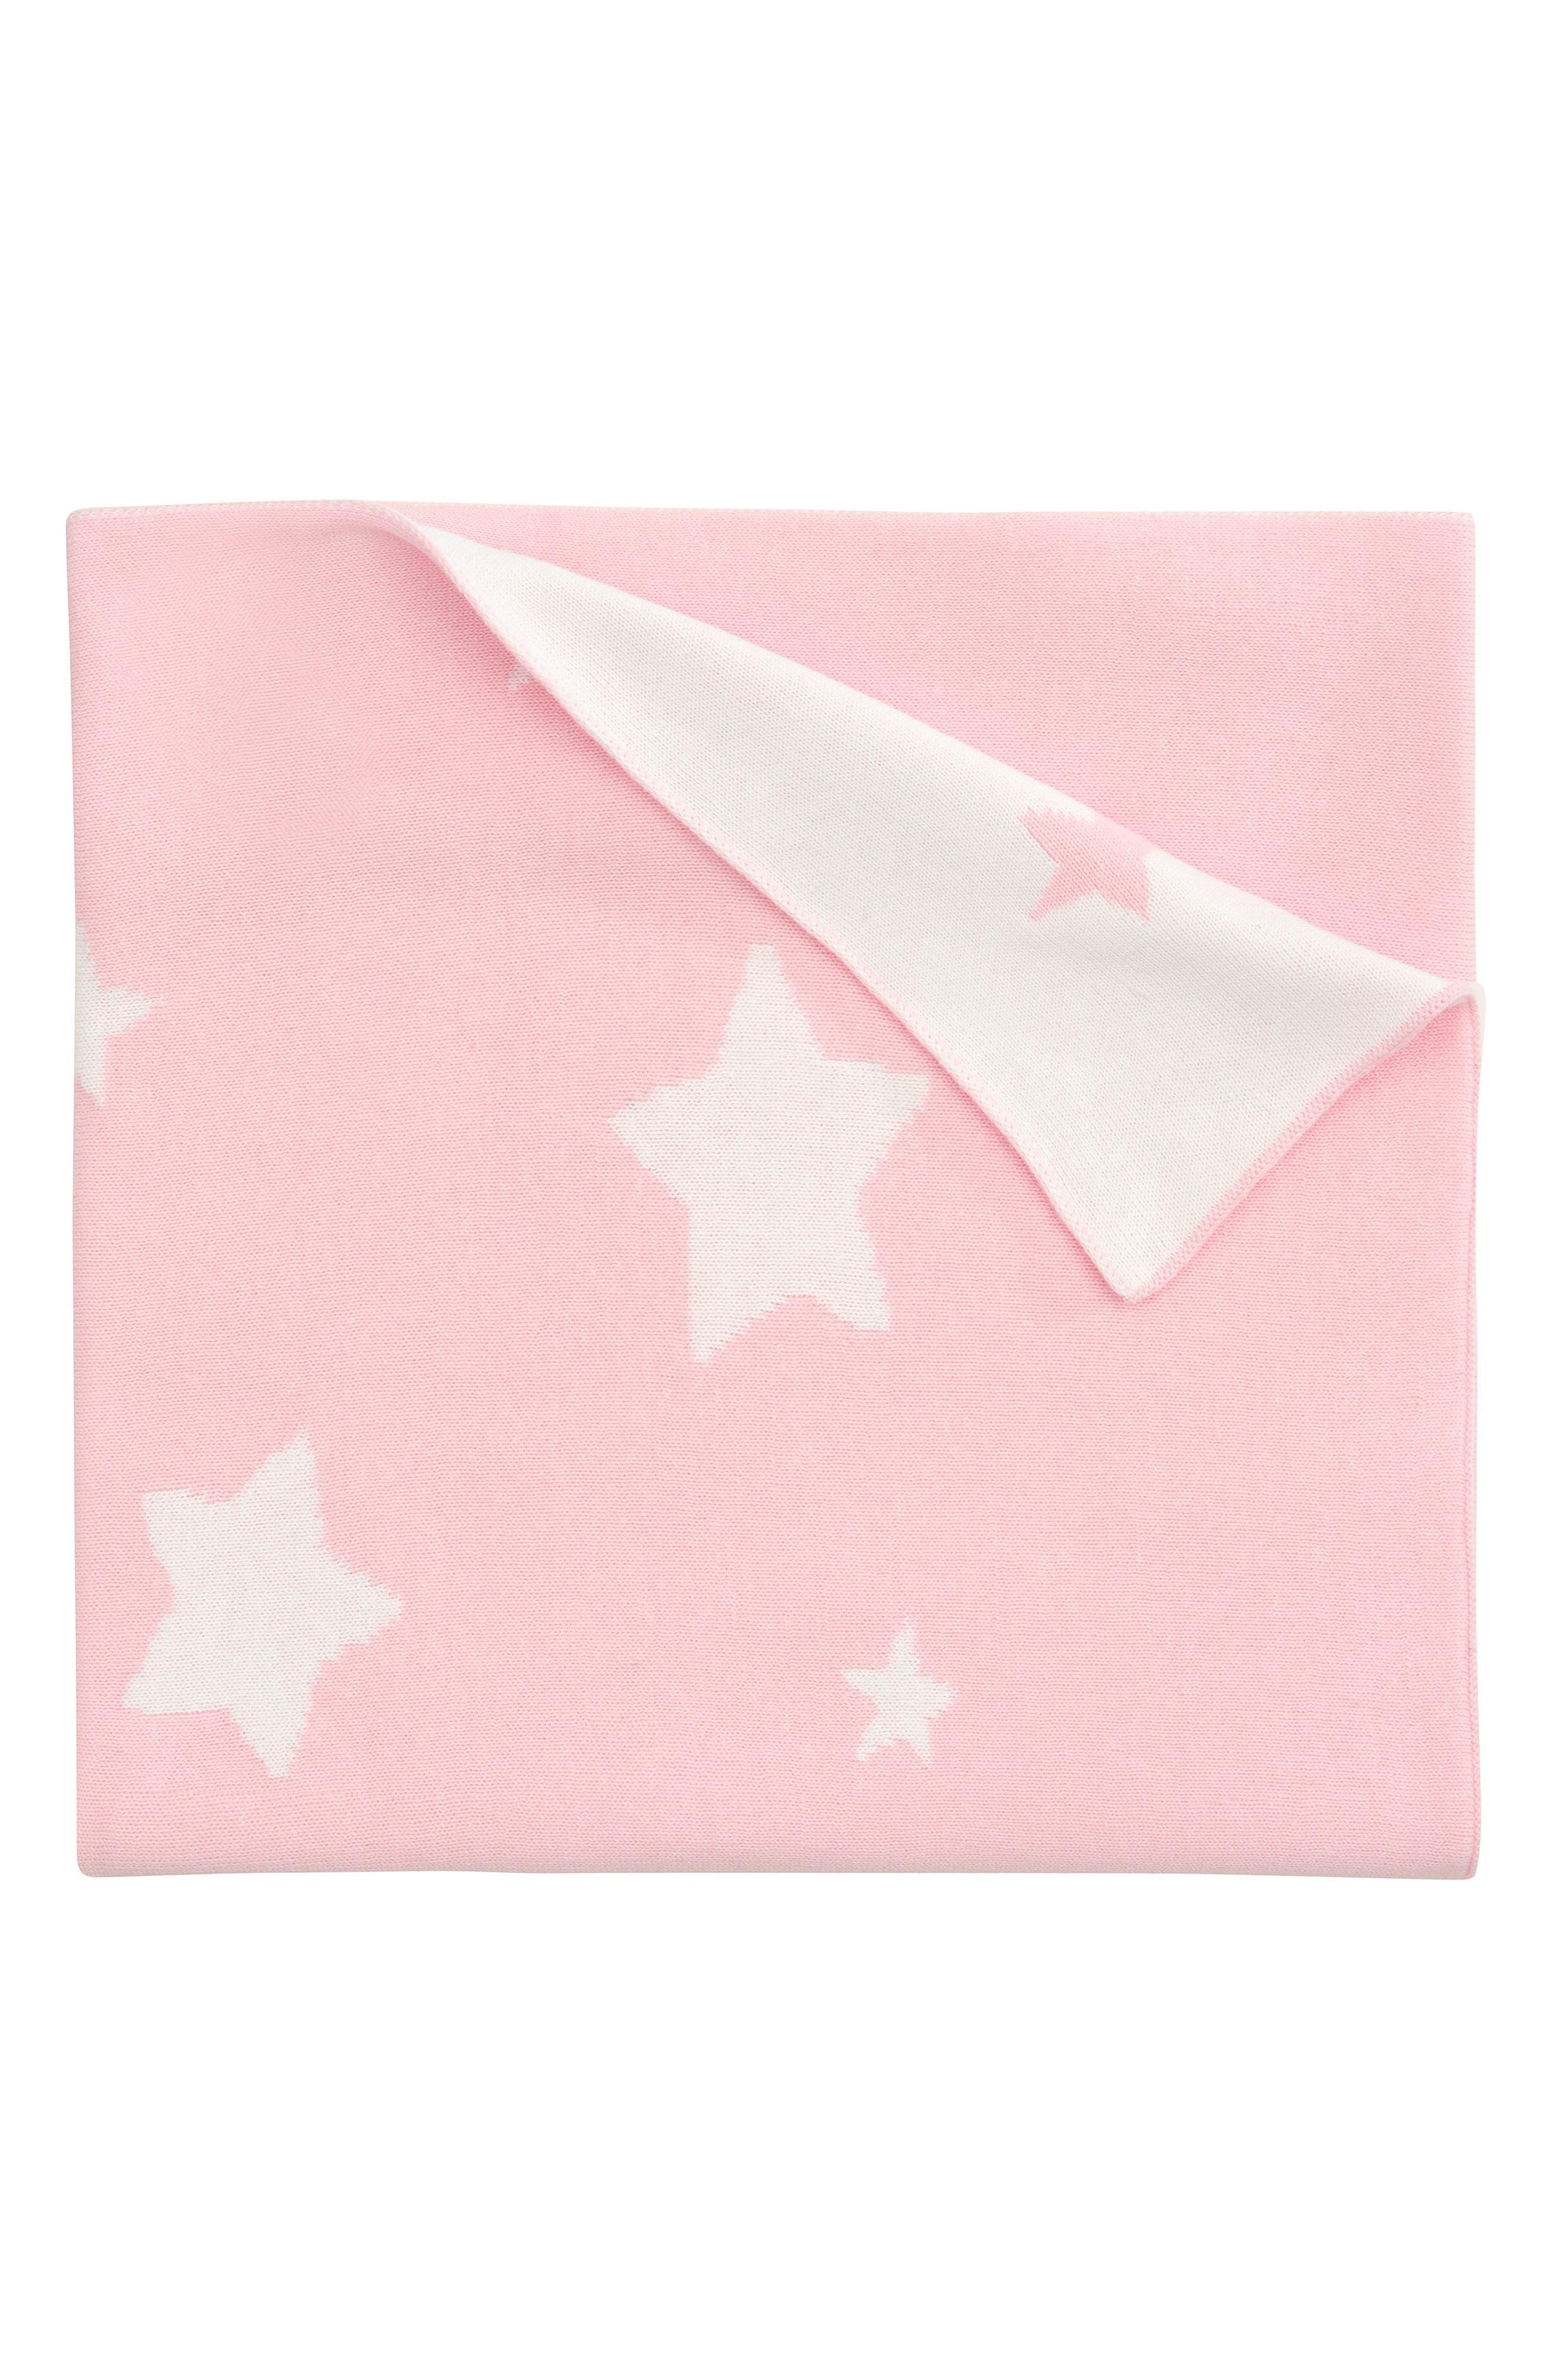 'Star' Knit Blanket,                         Main,                         color, Light Pink